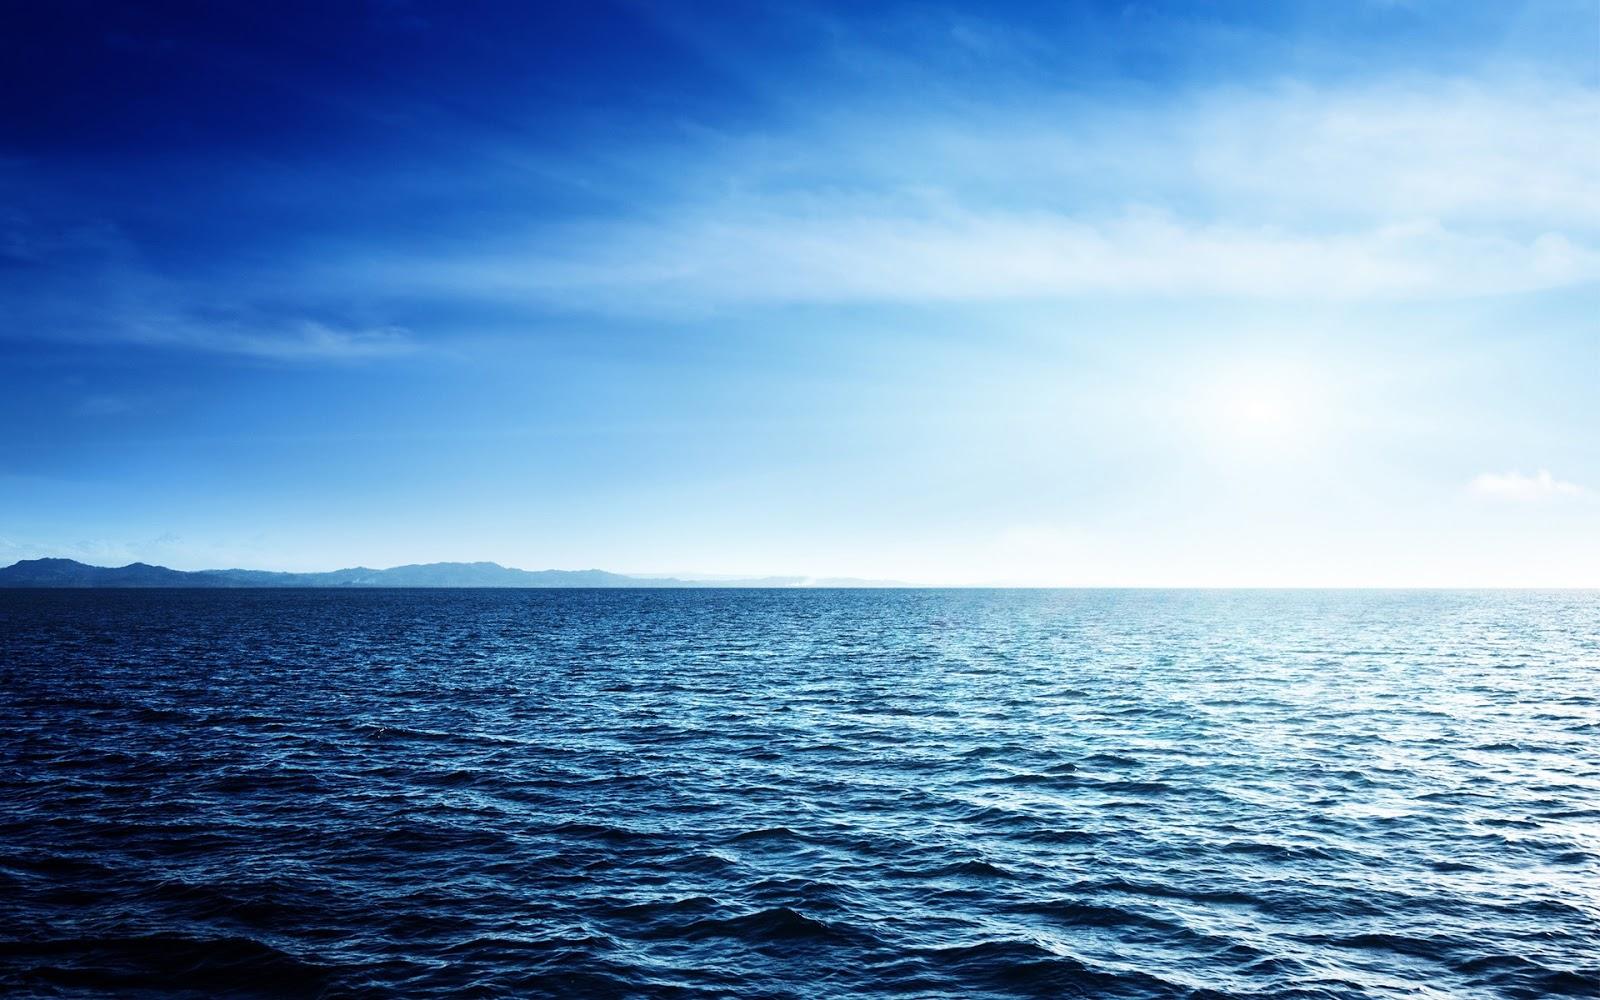 Deep Blue Ocean Waves